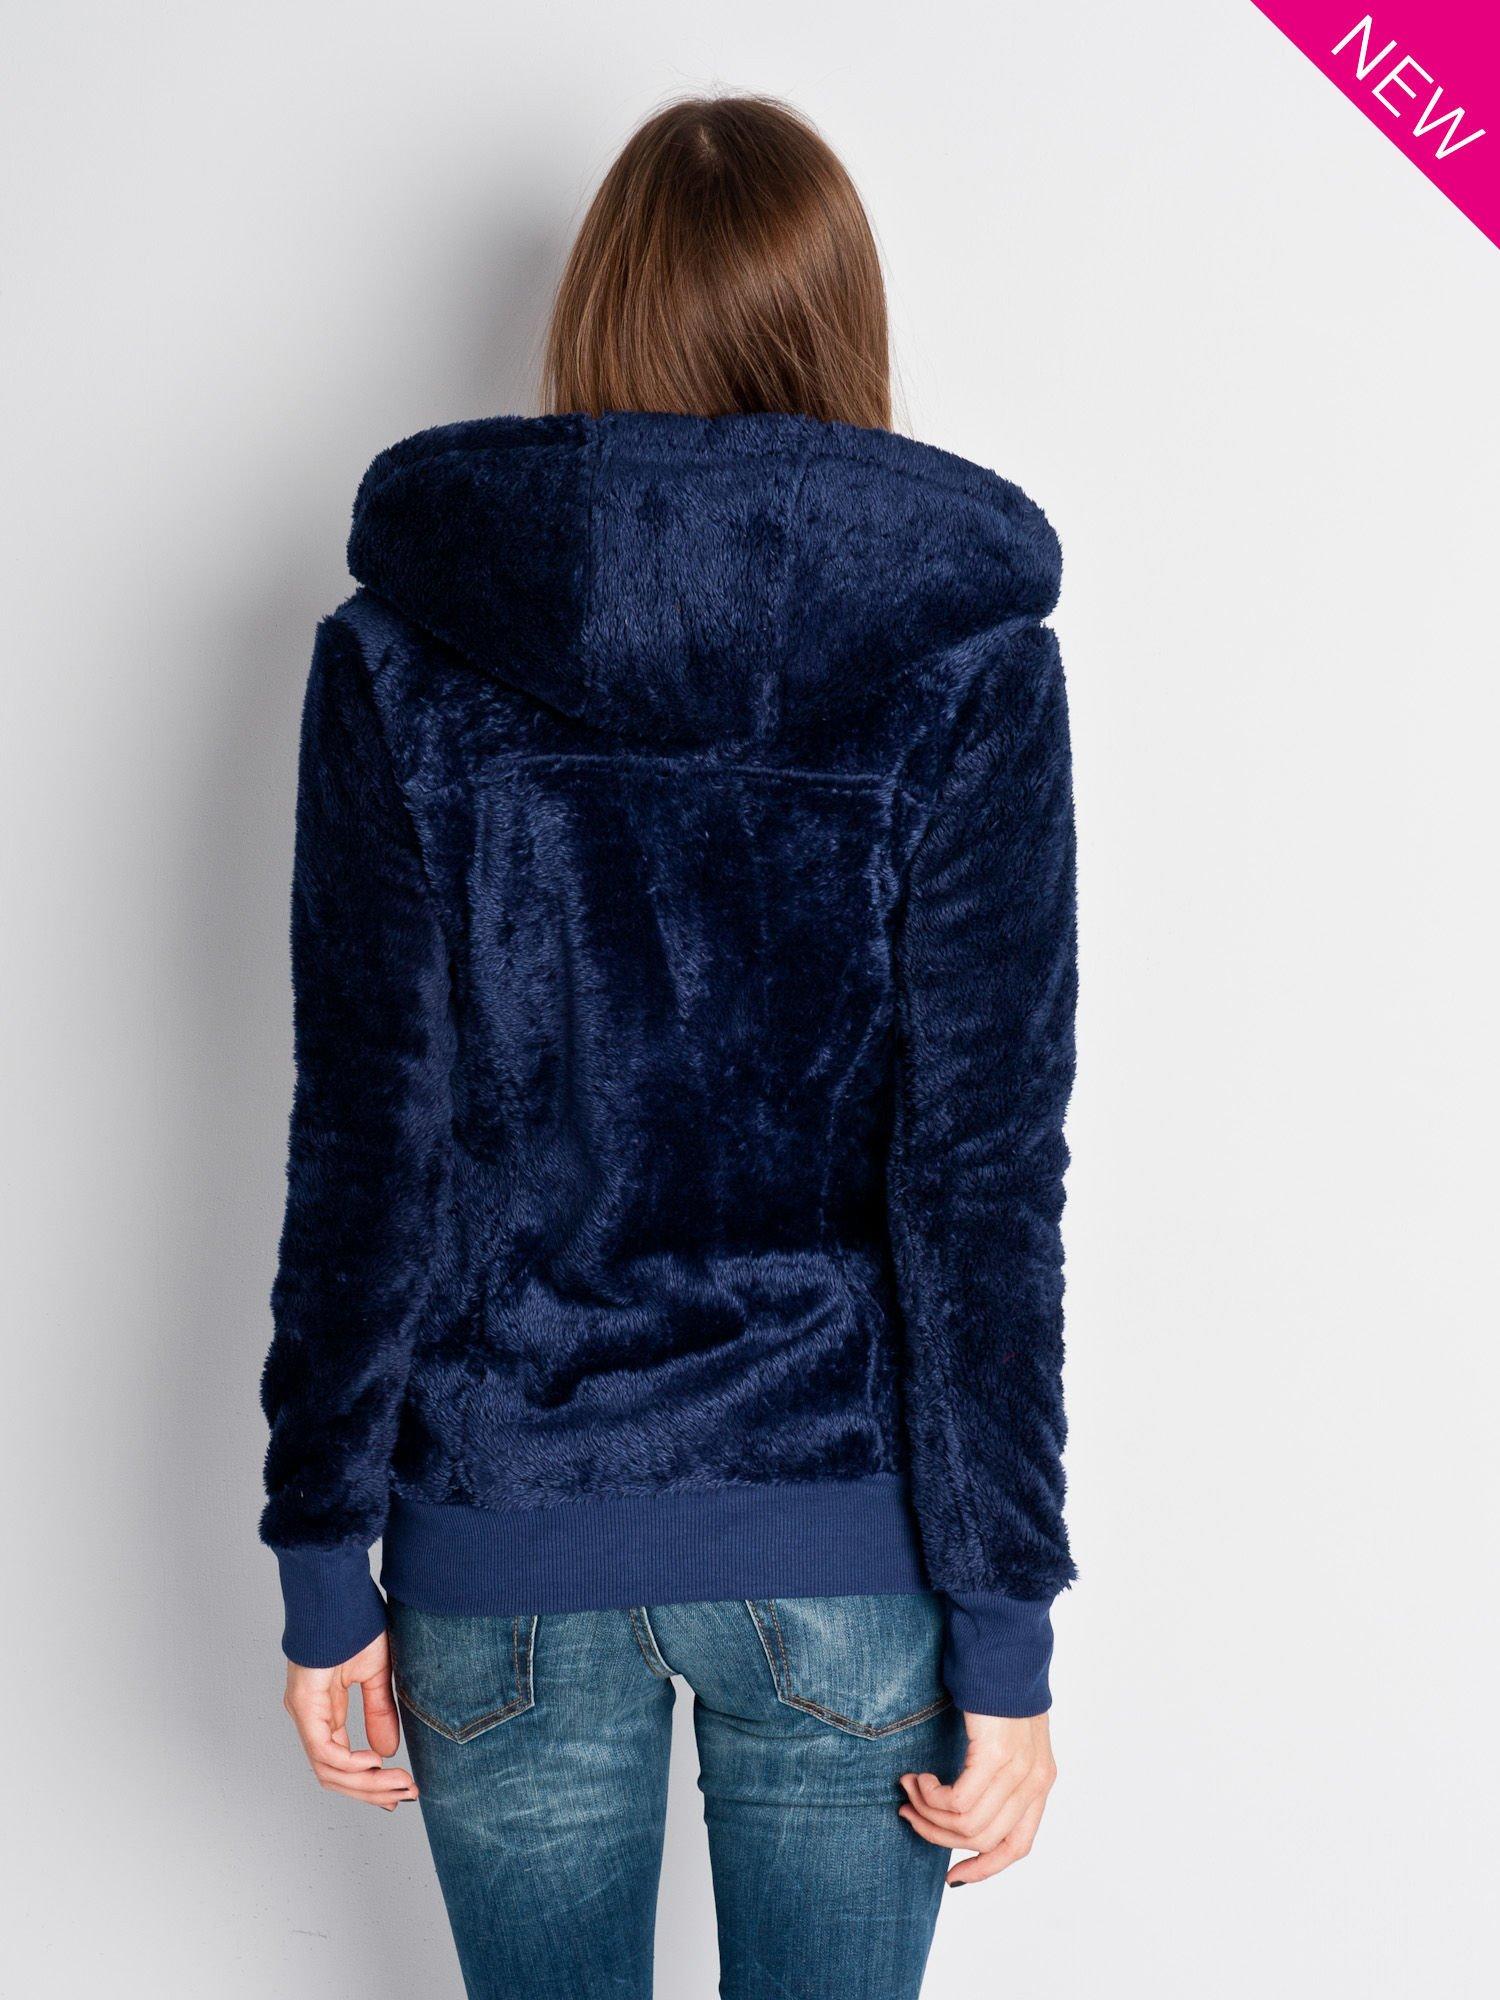 Ciemnoniebieska włochata bluza z kapturem i suwakami                                  zdj.                                  2